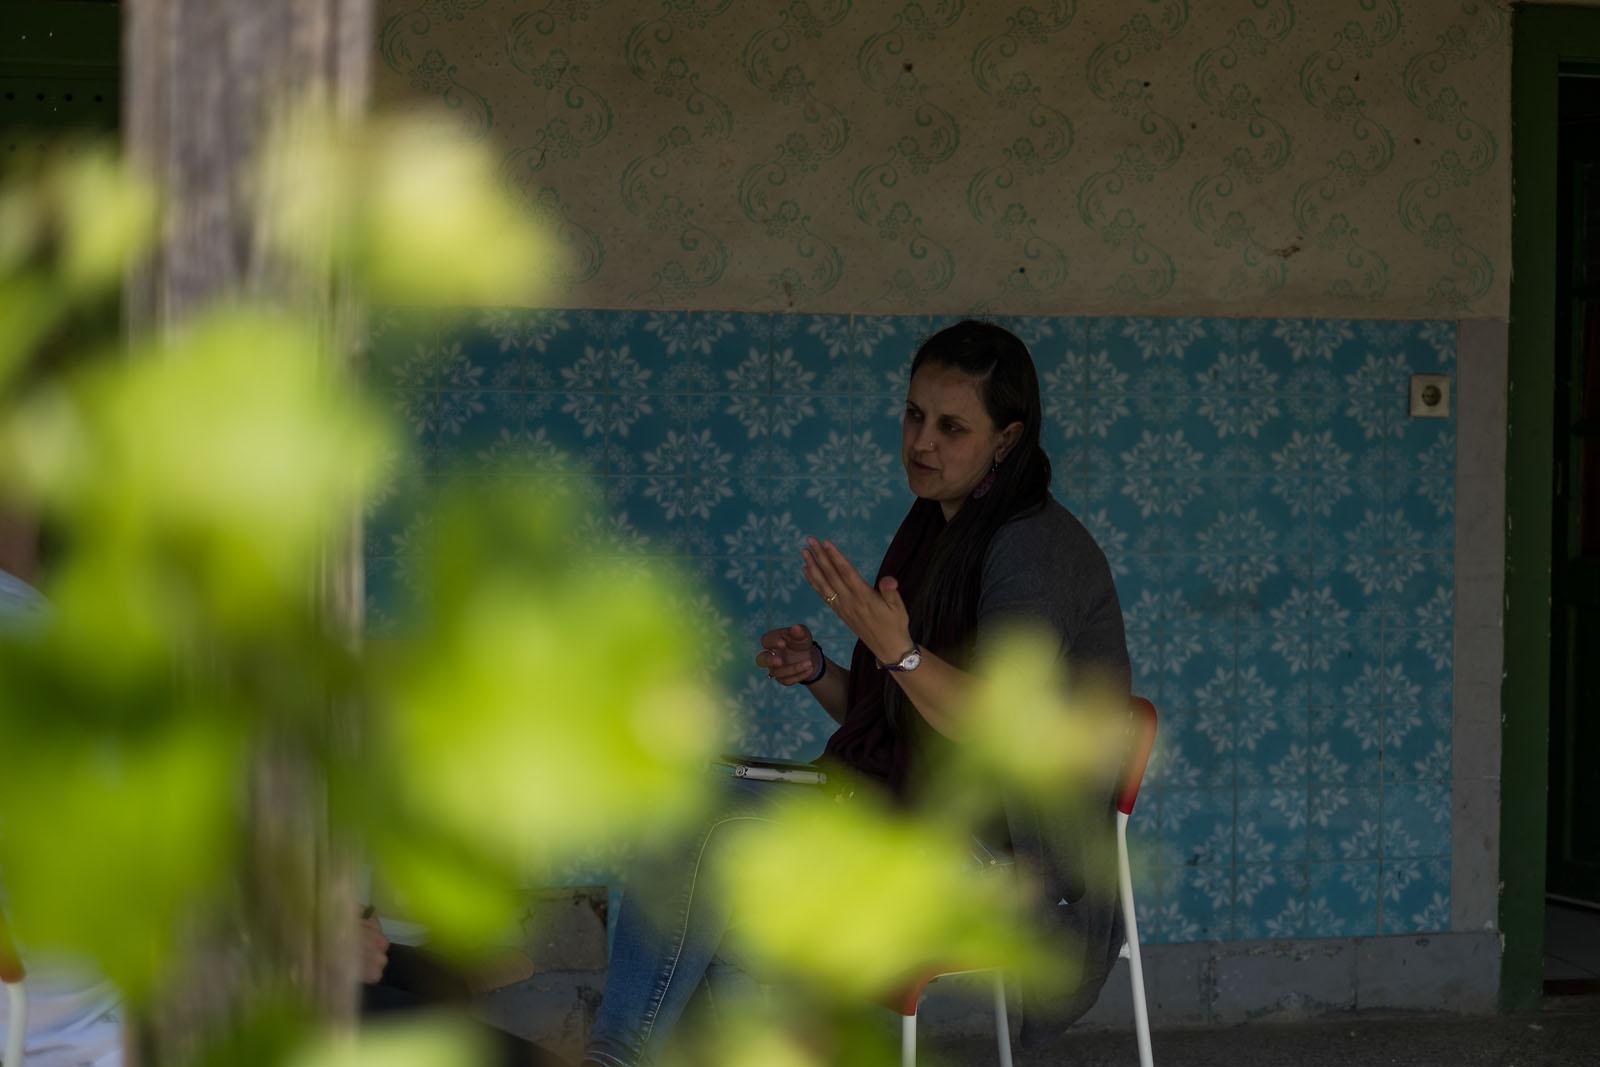 Tiszabő Tasi Kriszta interjú